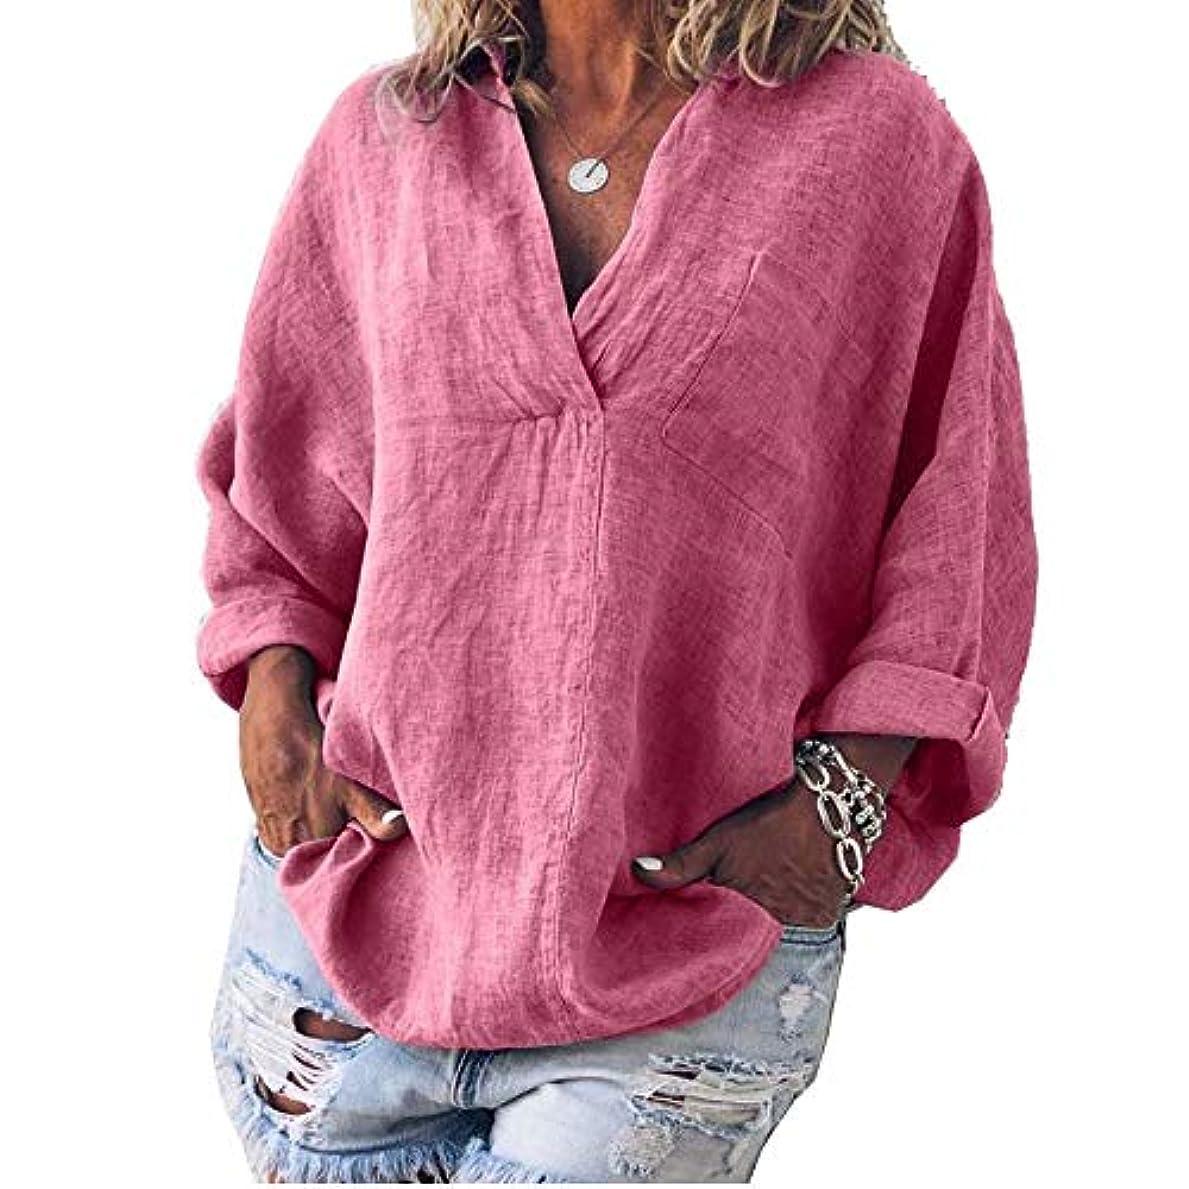 チケットつまらない微弱MIFAN女性ファッション春夏チュニックトップス深いVネックTシャツ長袖プルオーバールーズリネンブラウス